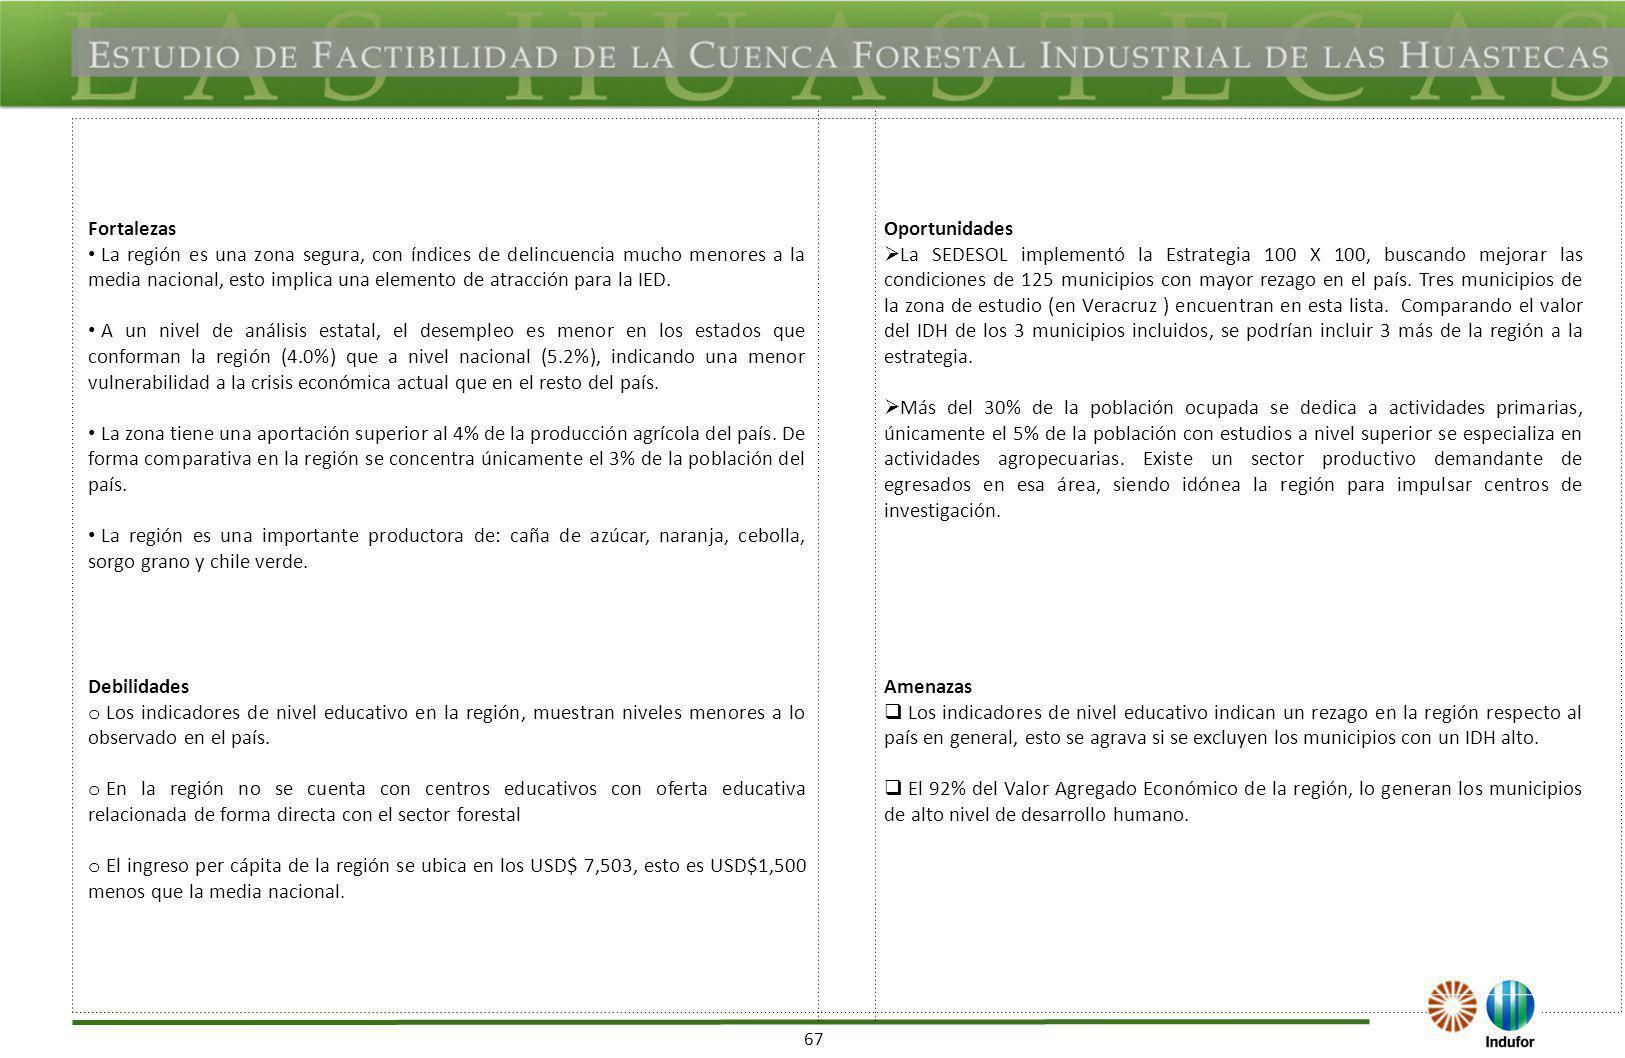 Fortalezas La región es una importante productora de carne en canal de tipo bovino a nivel nacional, aportando el 8.5% de la producción nacional.